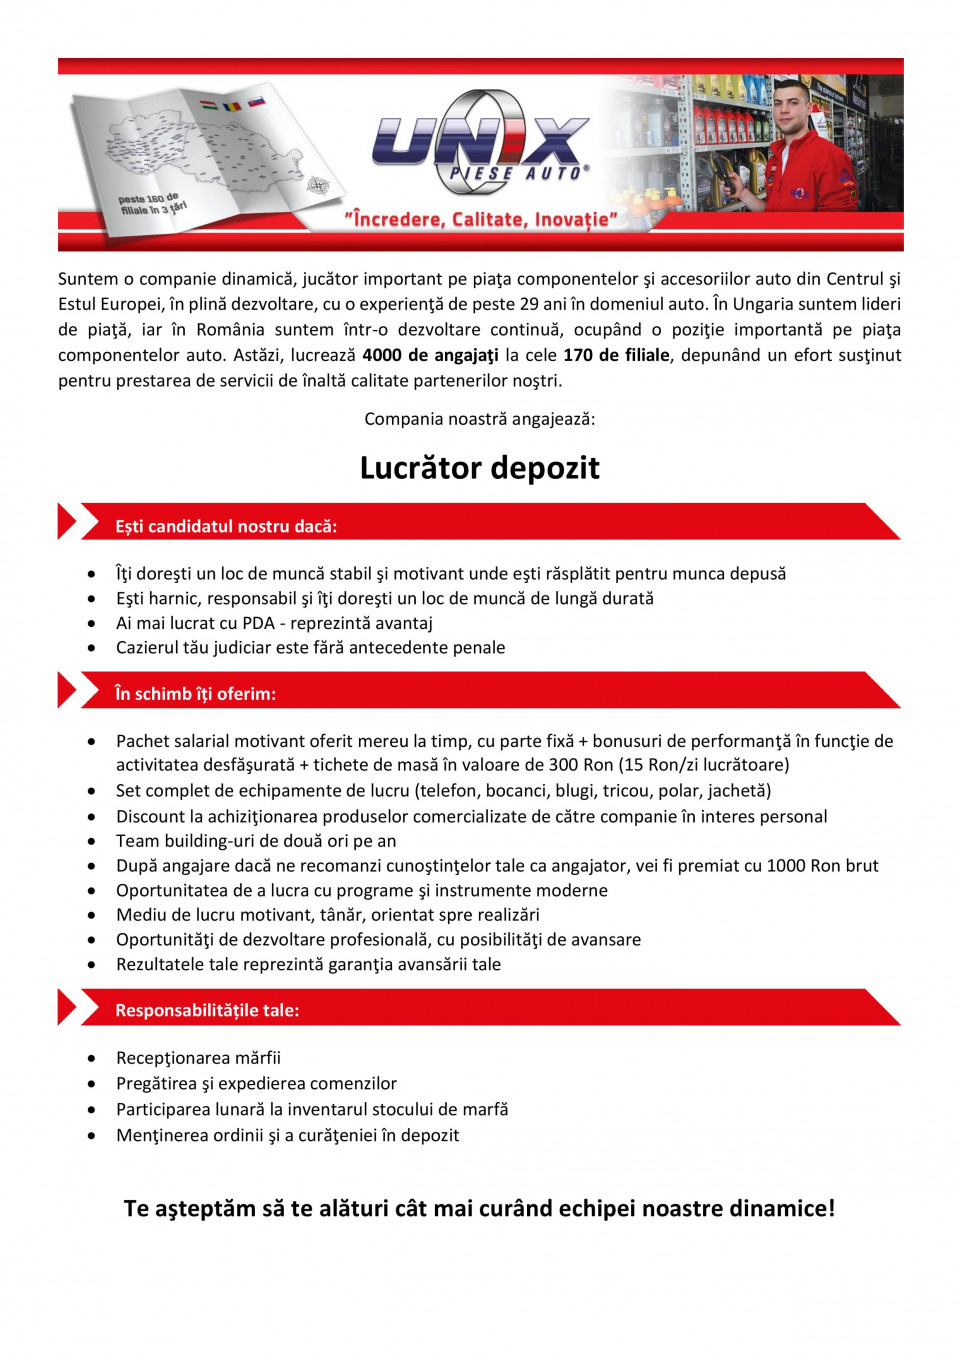 Lucrător depozit Lucrător depozit Lucrator depozit  Compania noastră este un distribuitor de piese auto, care se află într-o expansiune dinamică în cele trei ţări ale regiunii Central şi Est Europene, unde lucrează peste 3500 de angajaţi la cele peste 150 de filiale. Sistemul logistic avansat şi catalogul electronic de piese auto asigură un serviciu unic partenerilor noştri. Datorită lărgirii semnificative a reţelei de distribuţie din România suntem în căutarea unor colegi, care prin gestionarea profesionistă a relaţiilor interumane şi prin propunerile de îmbunătăţire asigură servicii de înaltă calitate, crescând astfel satisfacţia partenerilor noştri.